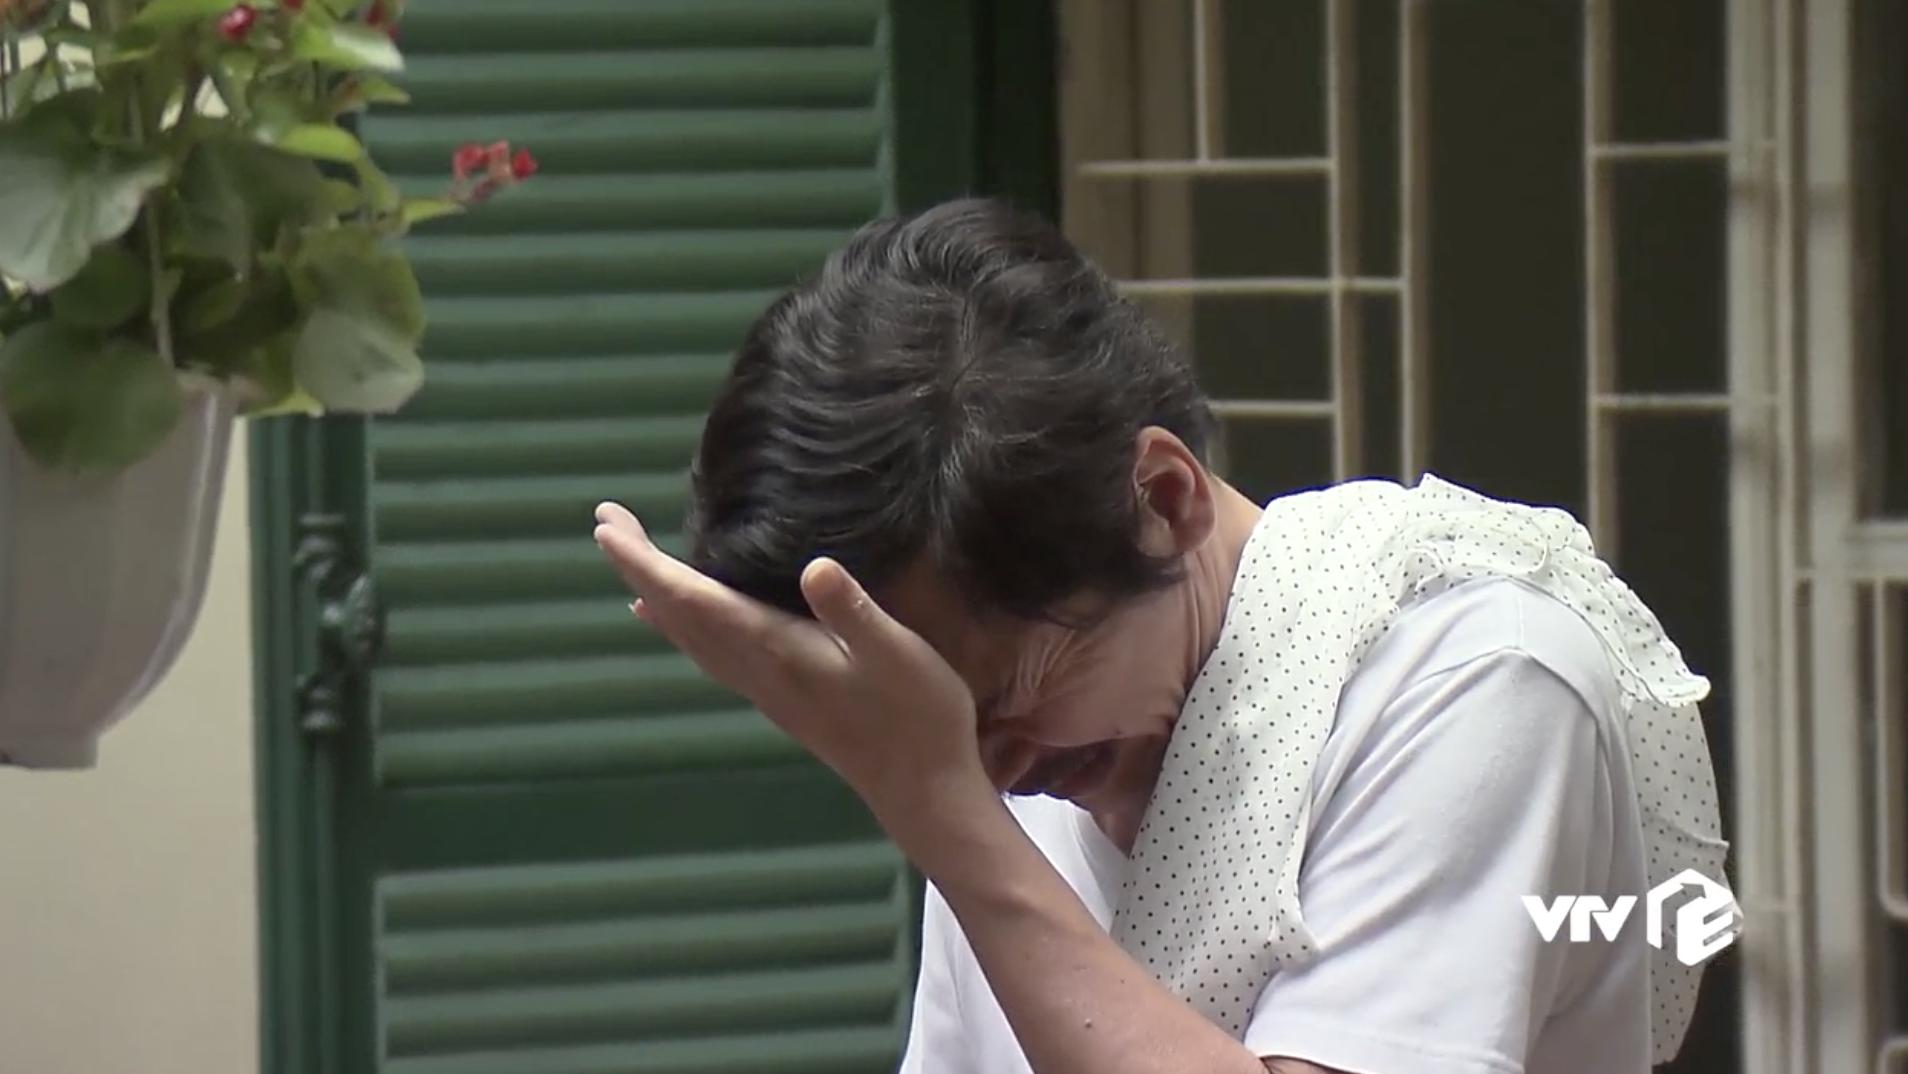 Về Nhà Đi Con tập 51: Tạm biệt tomboyloichoi, cả nhà ra đây mà xem Ánh Dương lồng lộn ăn diện như đi nhảy đầm nè! - Ảnh 4.